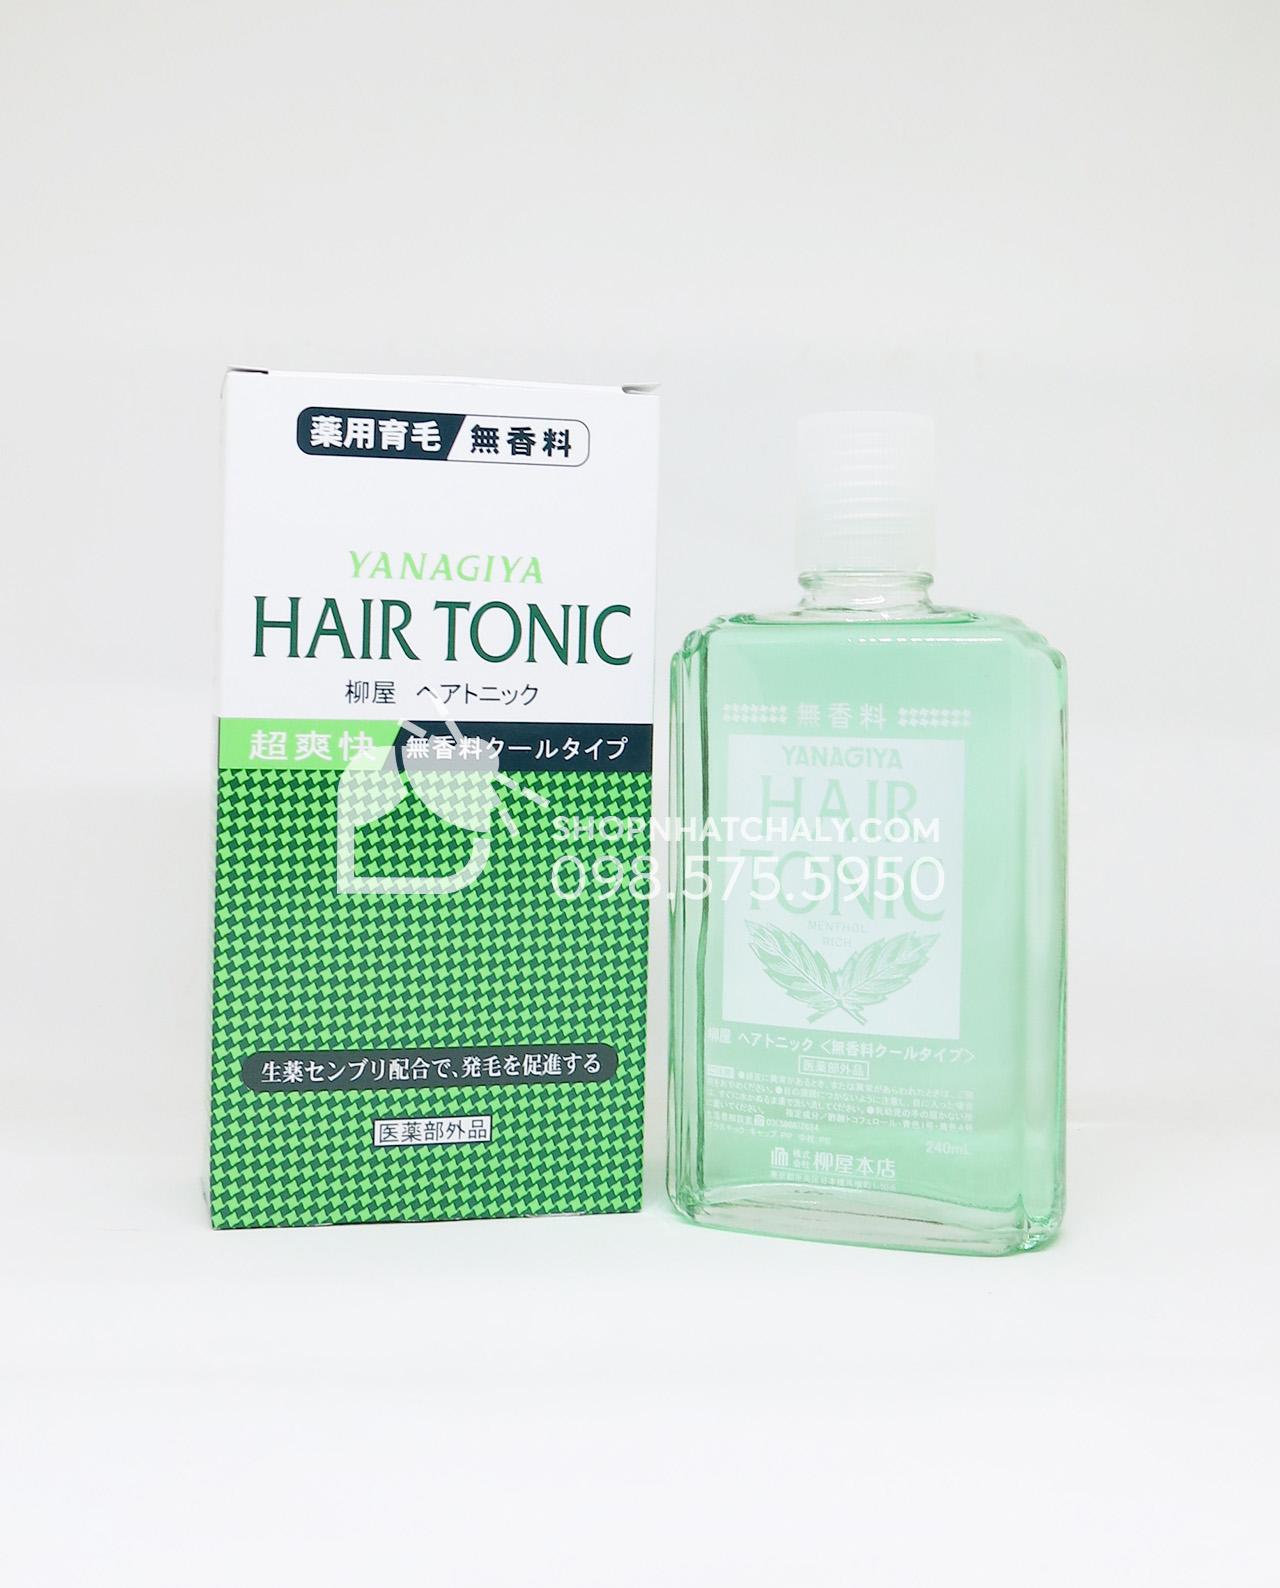 Thuốc chống rụng tóc và kích thích mọc tóc trị hói Nhật Bản Hair Tonic Yanagiya chai màu nhạt